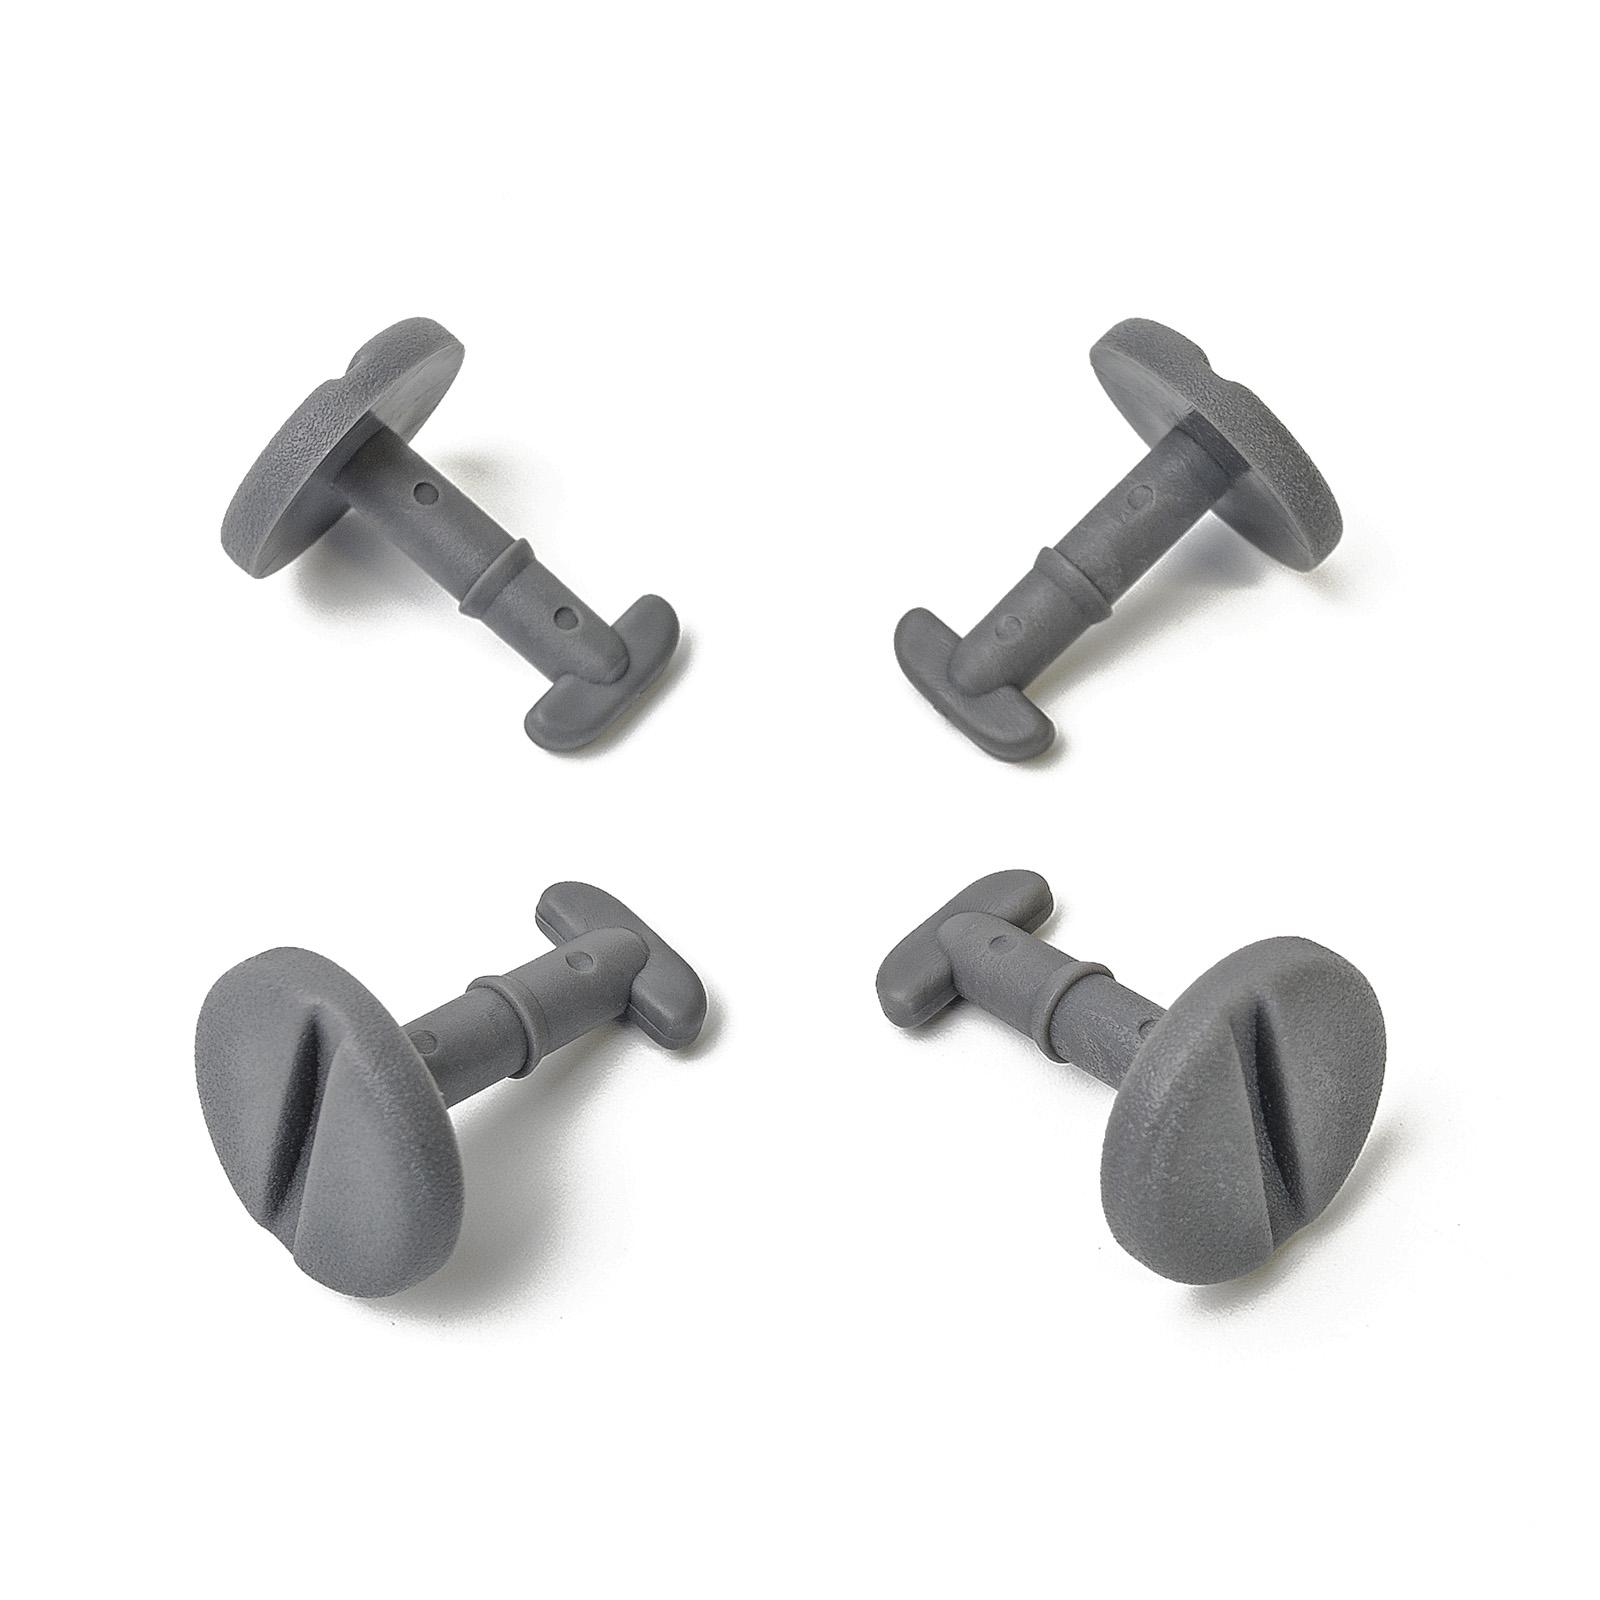 RING 15x CLIPS FUSSMATTEN DREHVERSCHLUSS OHNE SPERRE SCHWARZ BMW 82119410191